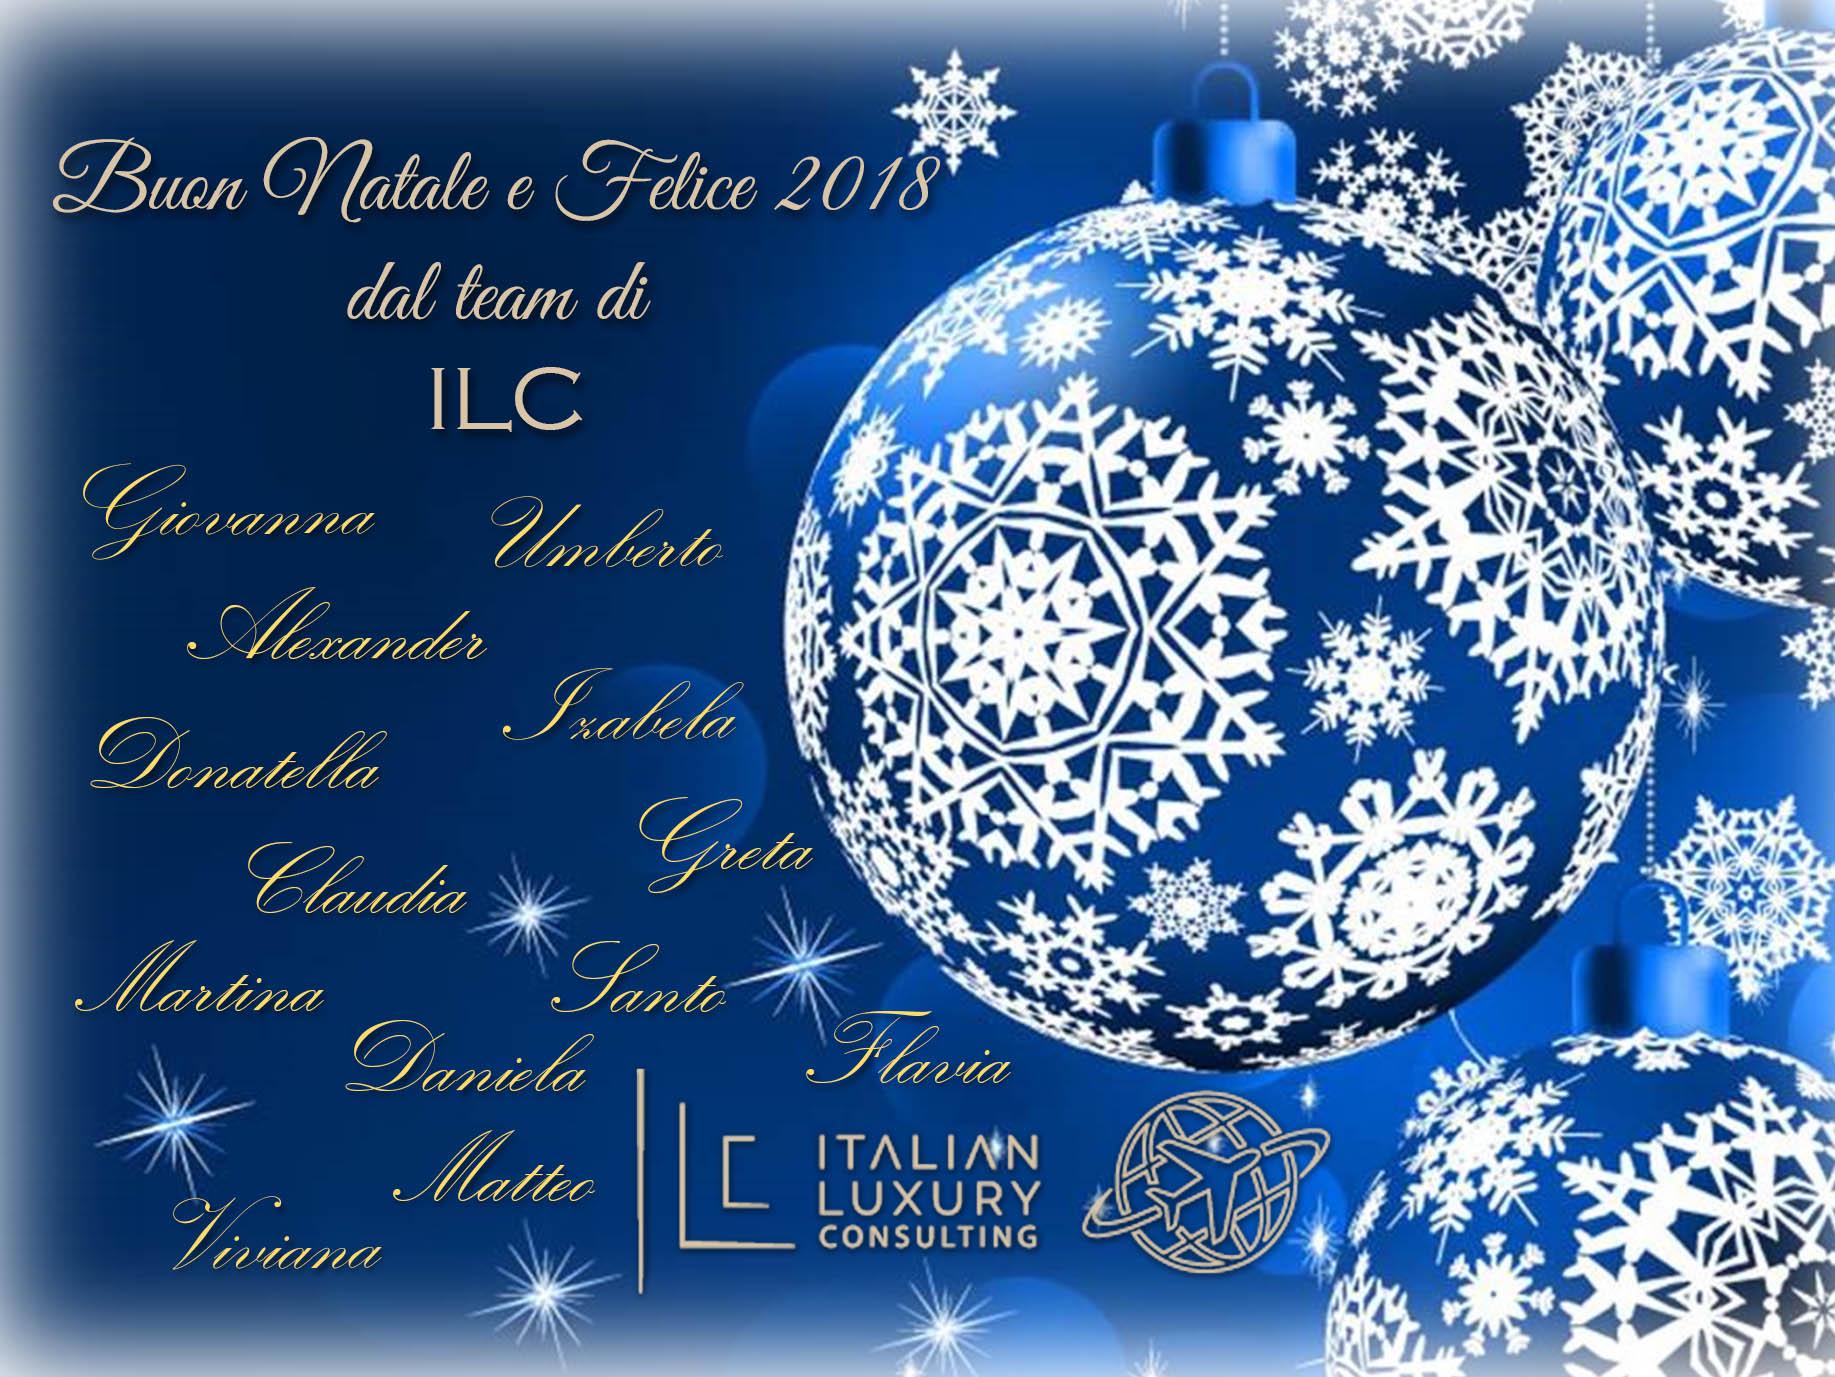 Buon Natale e Buon Anno da ILC